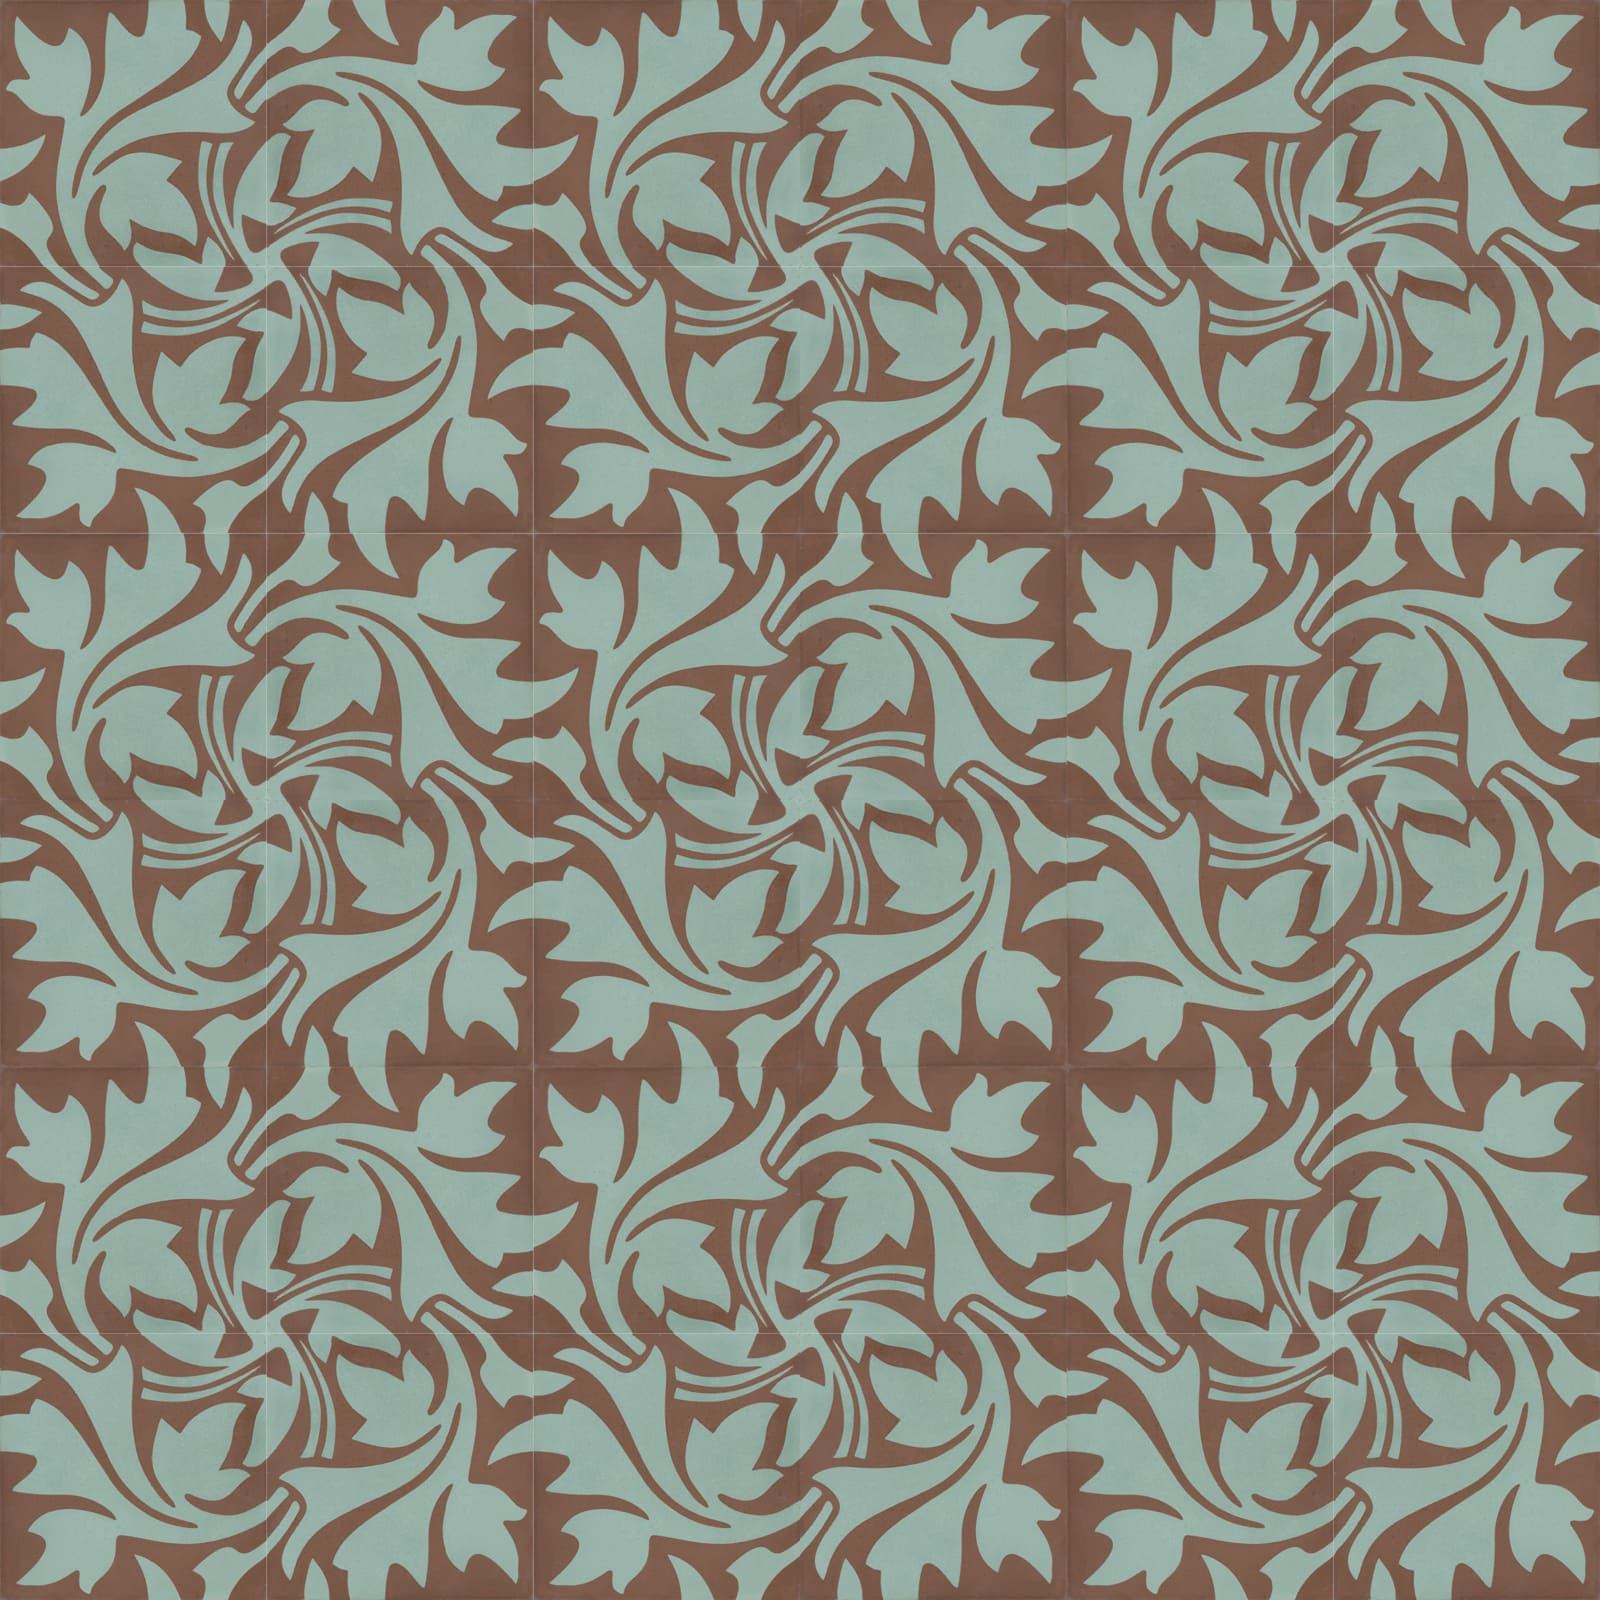 Zementmosaikplatten-muster-51151-72-via-gmbh | 51151-72